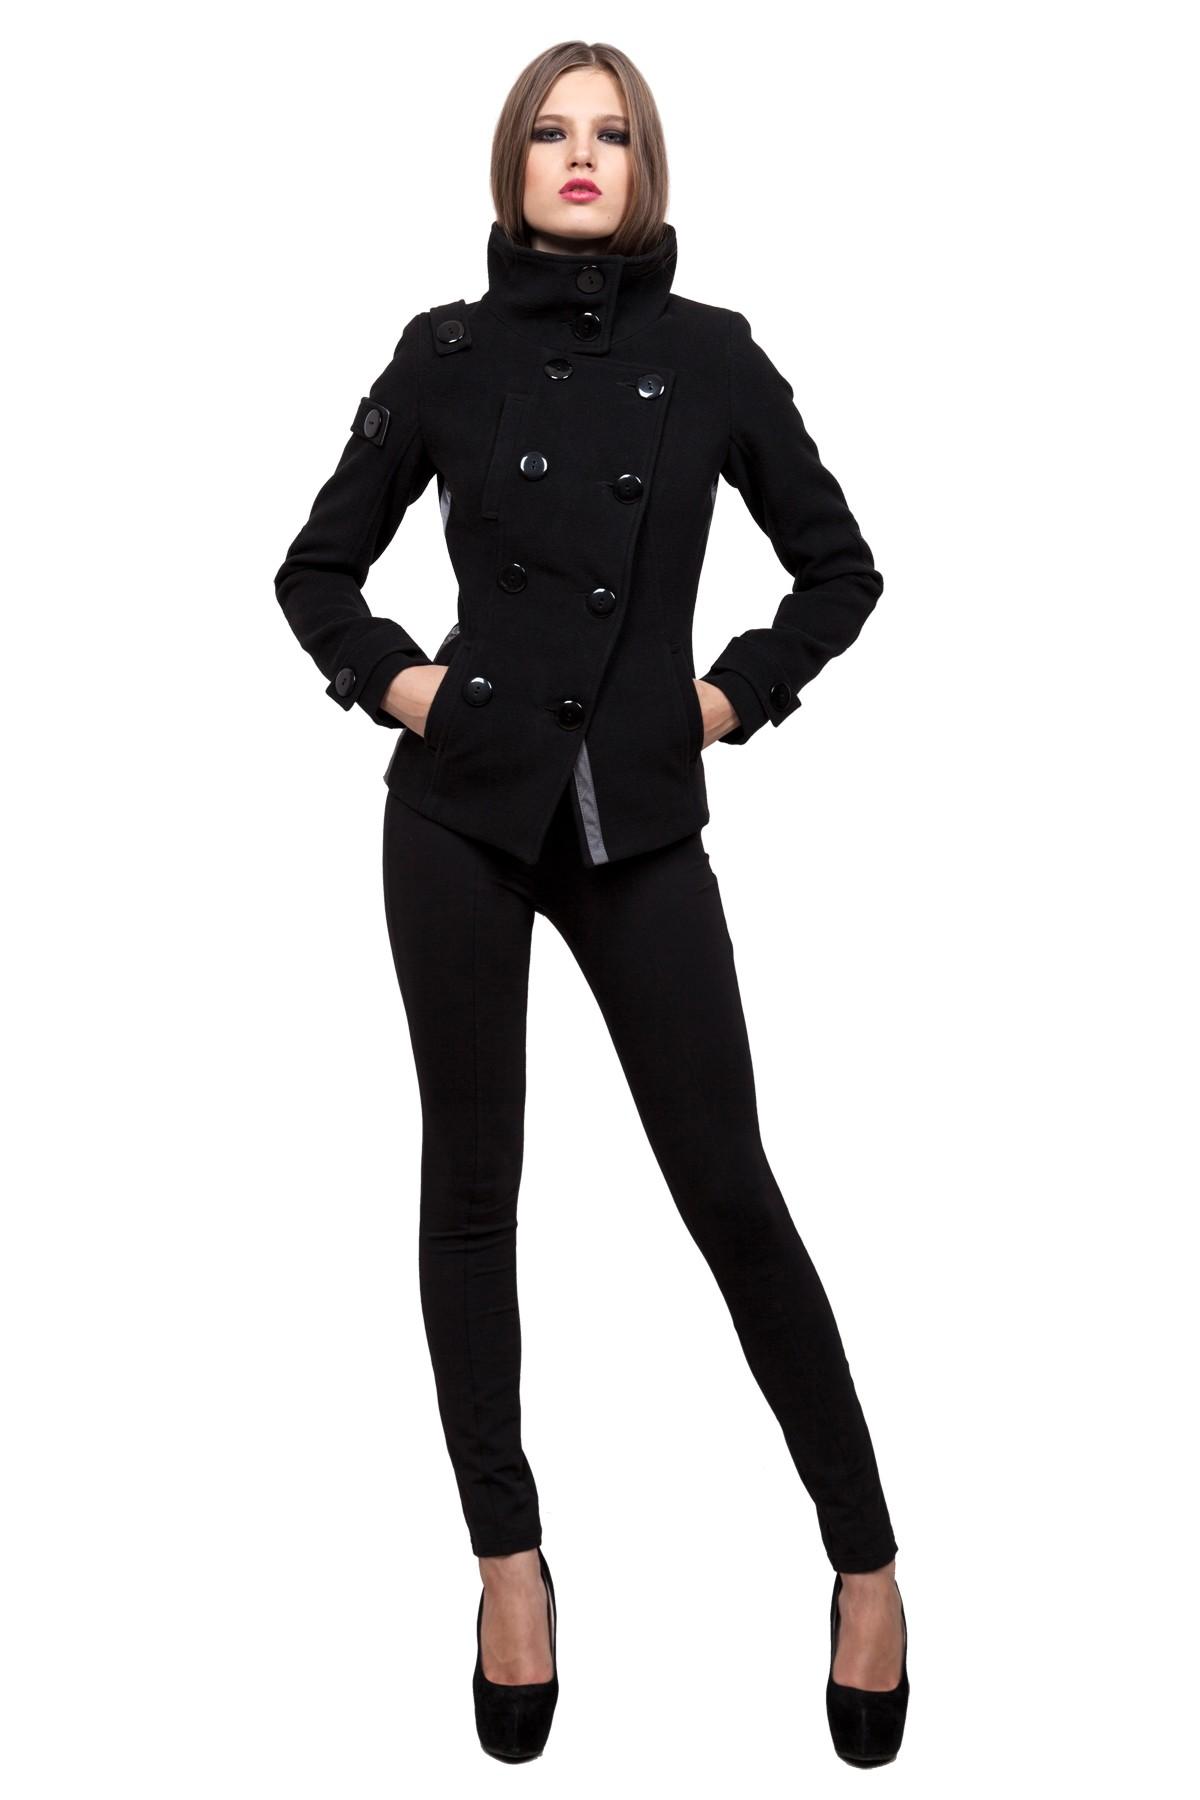 ПальтоЖенские куртки, плащи, пальто<br>Классическое пальто в современном исполнении. Двубортная застежка придает модели строгий вид, а косые линии кроя - уникальность и эксклюзивность. Изделие подчеркнет Ваш неповторимый вкус.<br><br>Цвет: зеленый<br>Состав: ткань - 80%полиэстер, 18% вискоза, 2% спандэкс,  утеплитель - 100%полиэстер, подкладка - 100%полиэстер<br>Размер: 40,42,44,46,48,50,52,54,56<br>Страна дизайна: Россия<br>Страна производства: Россия